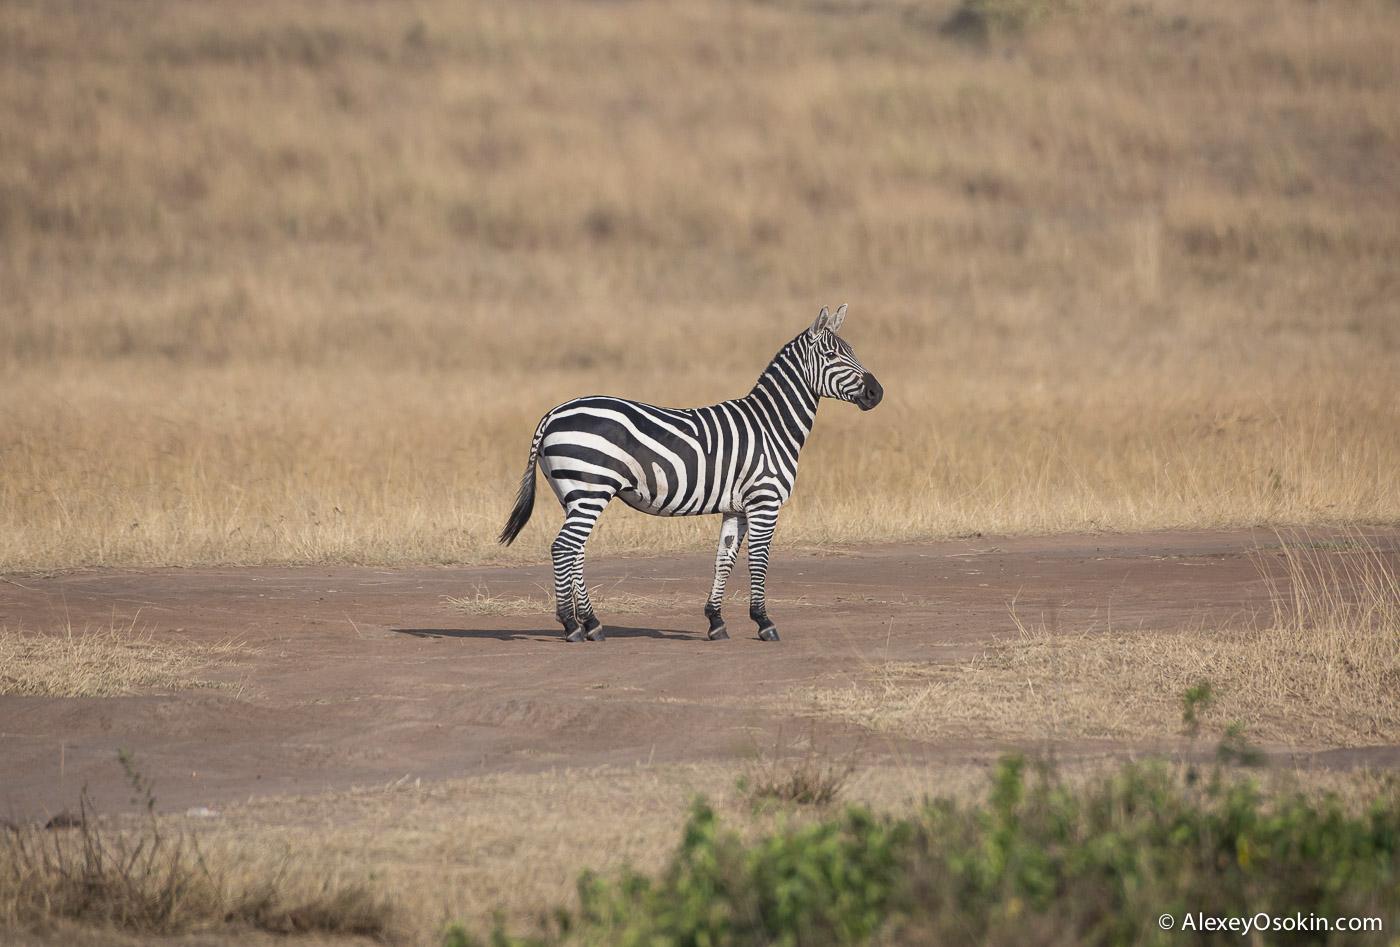 zebras_aug.2015_ao-0.jpg